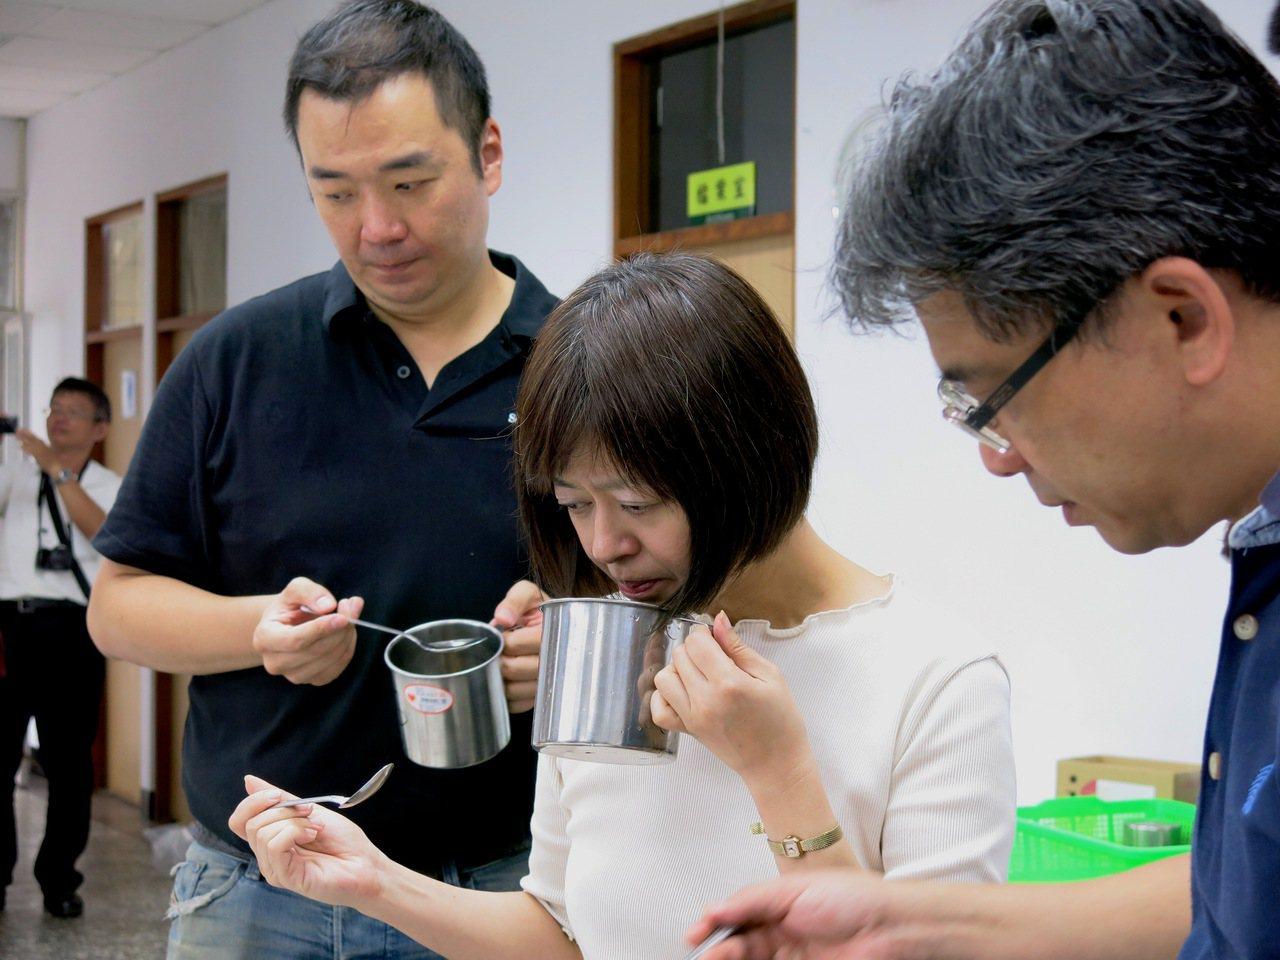 今年日月潭紅茶評鑑改變評審團組成方式,帶入市場新觀念。記者黑中亮/攝影